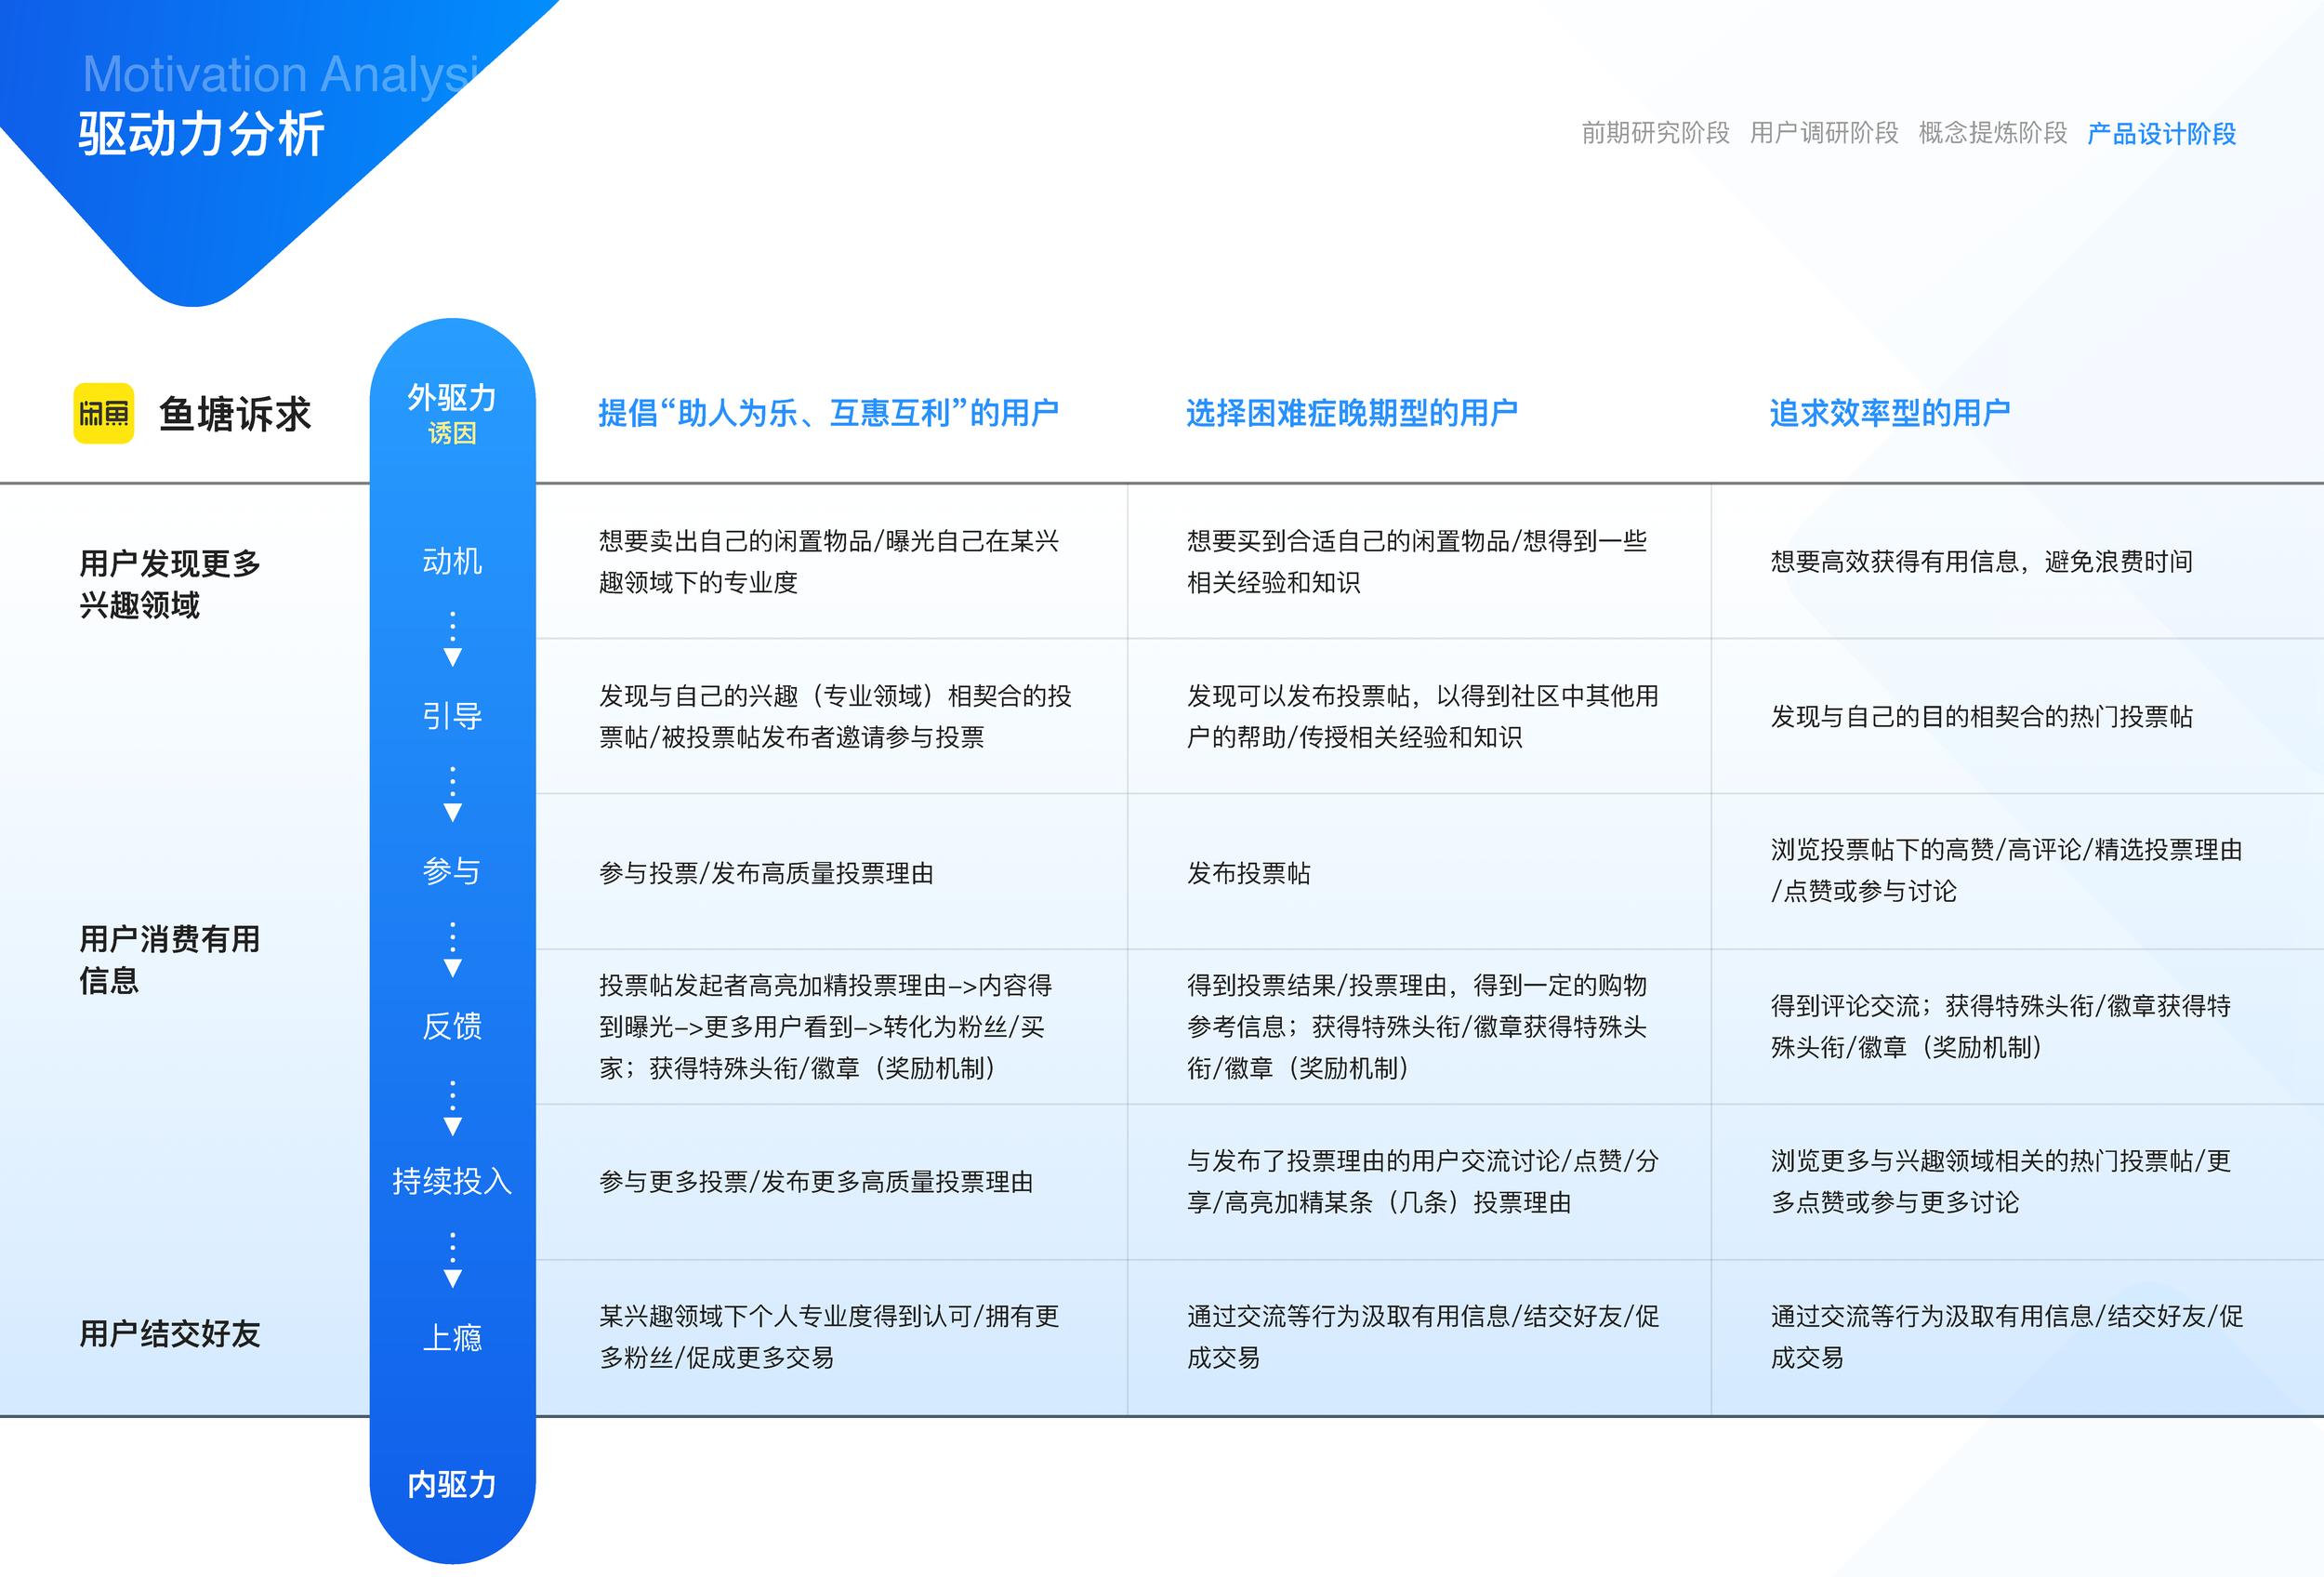 闲鱼社区互动设计(17小组油猫饼)_页面_23.png